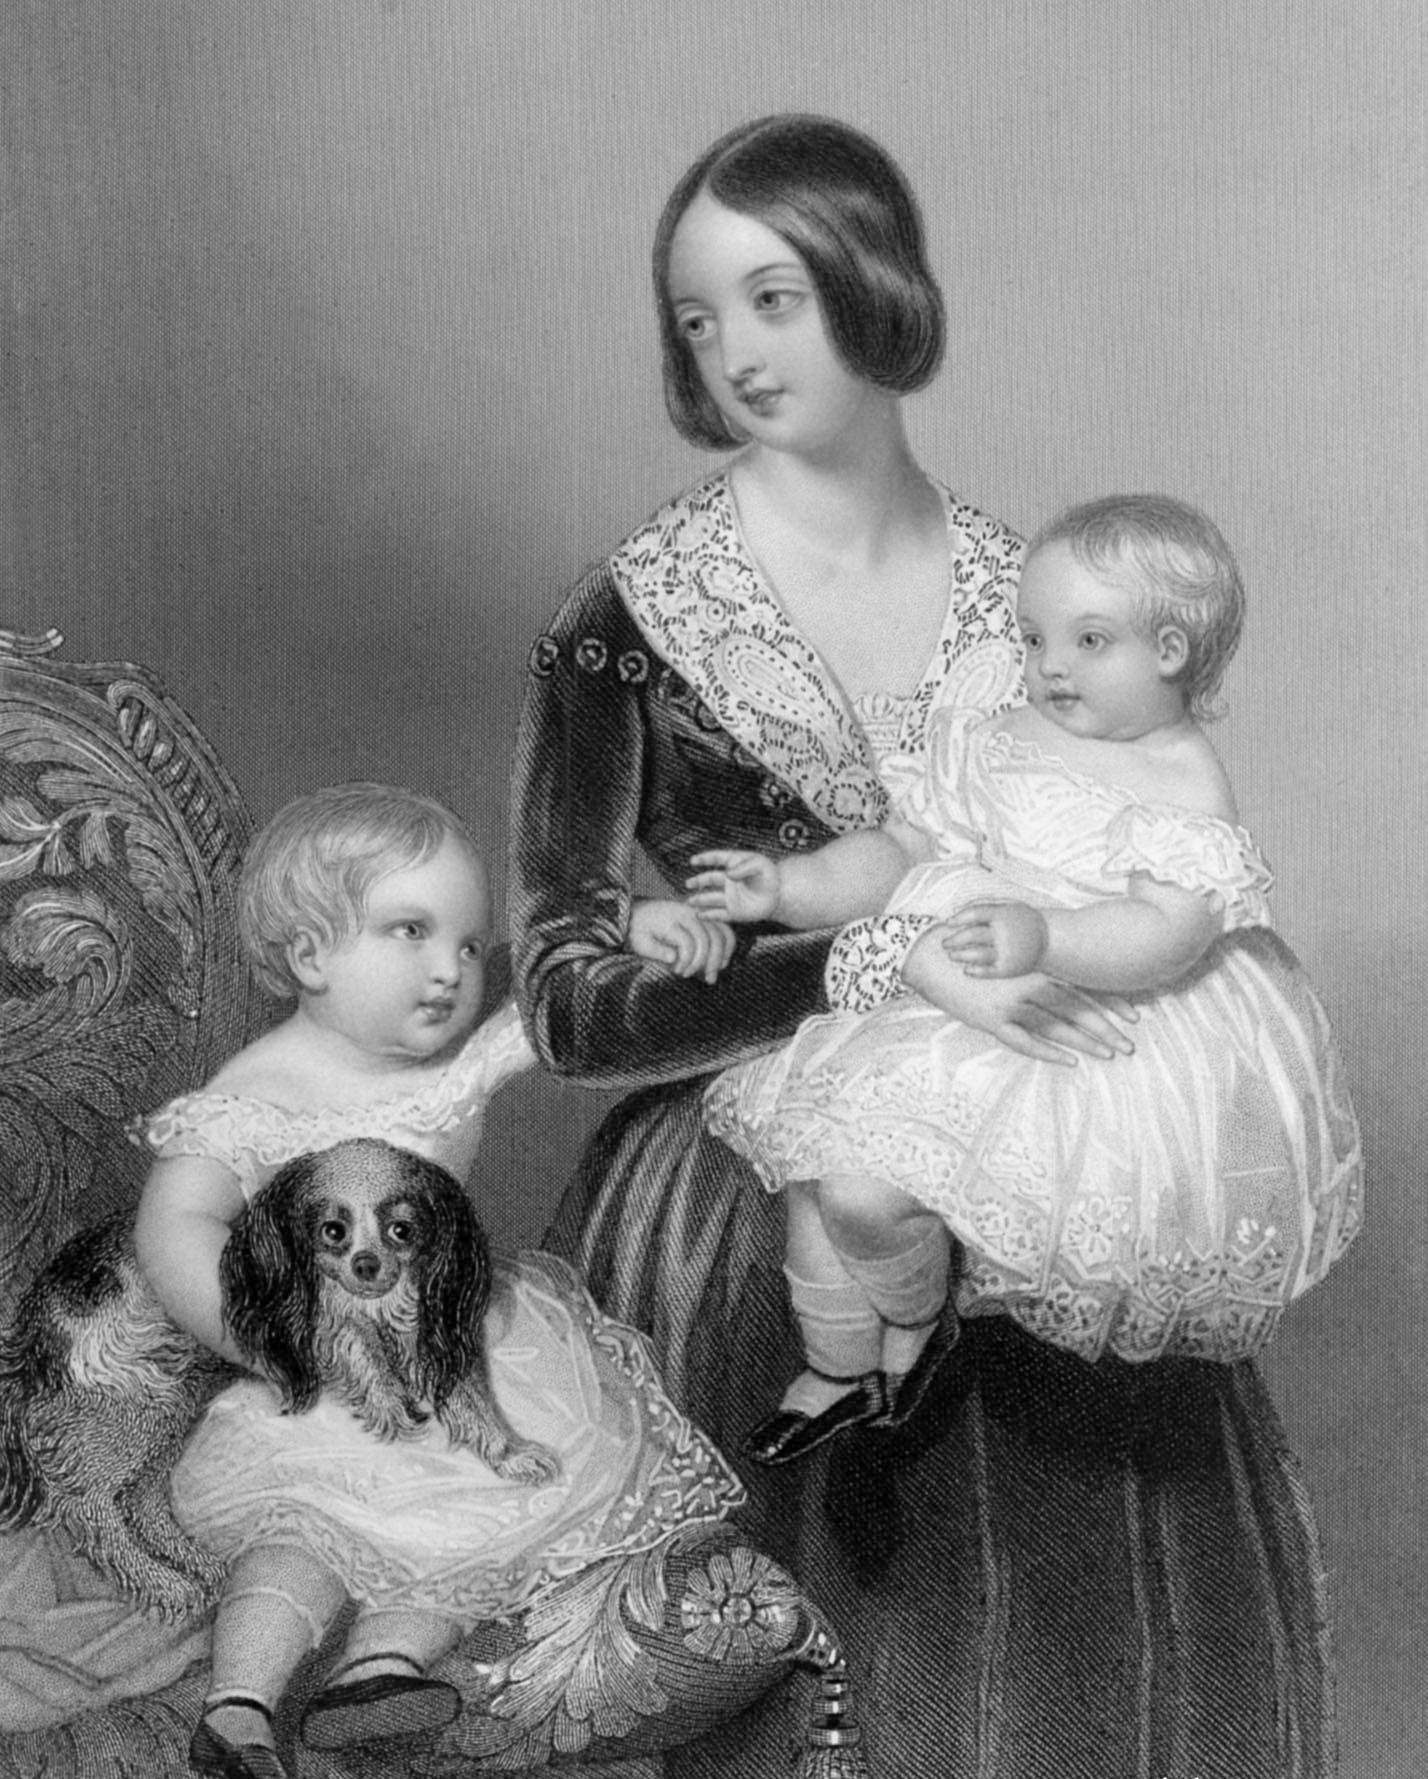 Kẻ sát nhân từng làm việc trong hoàng gia Anh: Đám mây bí ẩn và cái chết của 6 đứa trẻ chỉ trong 1 đêm - Ảnh 2.